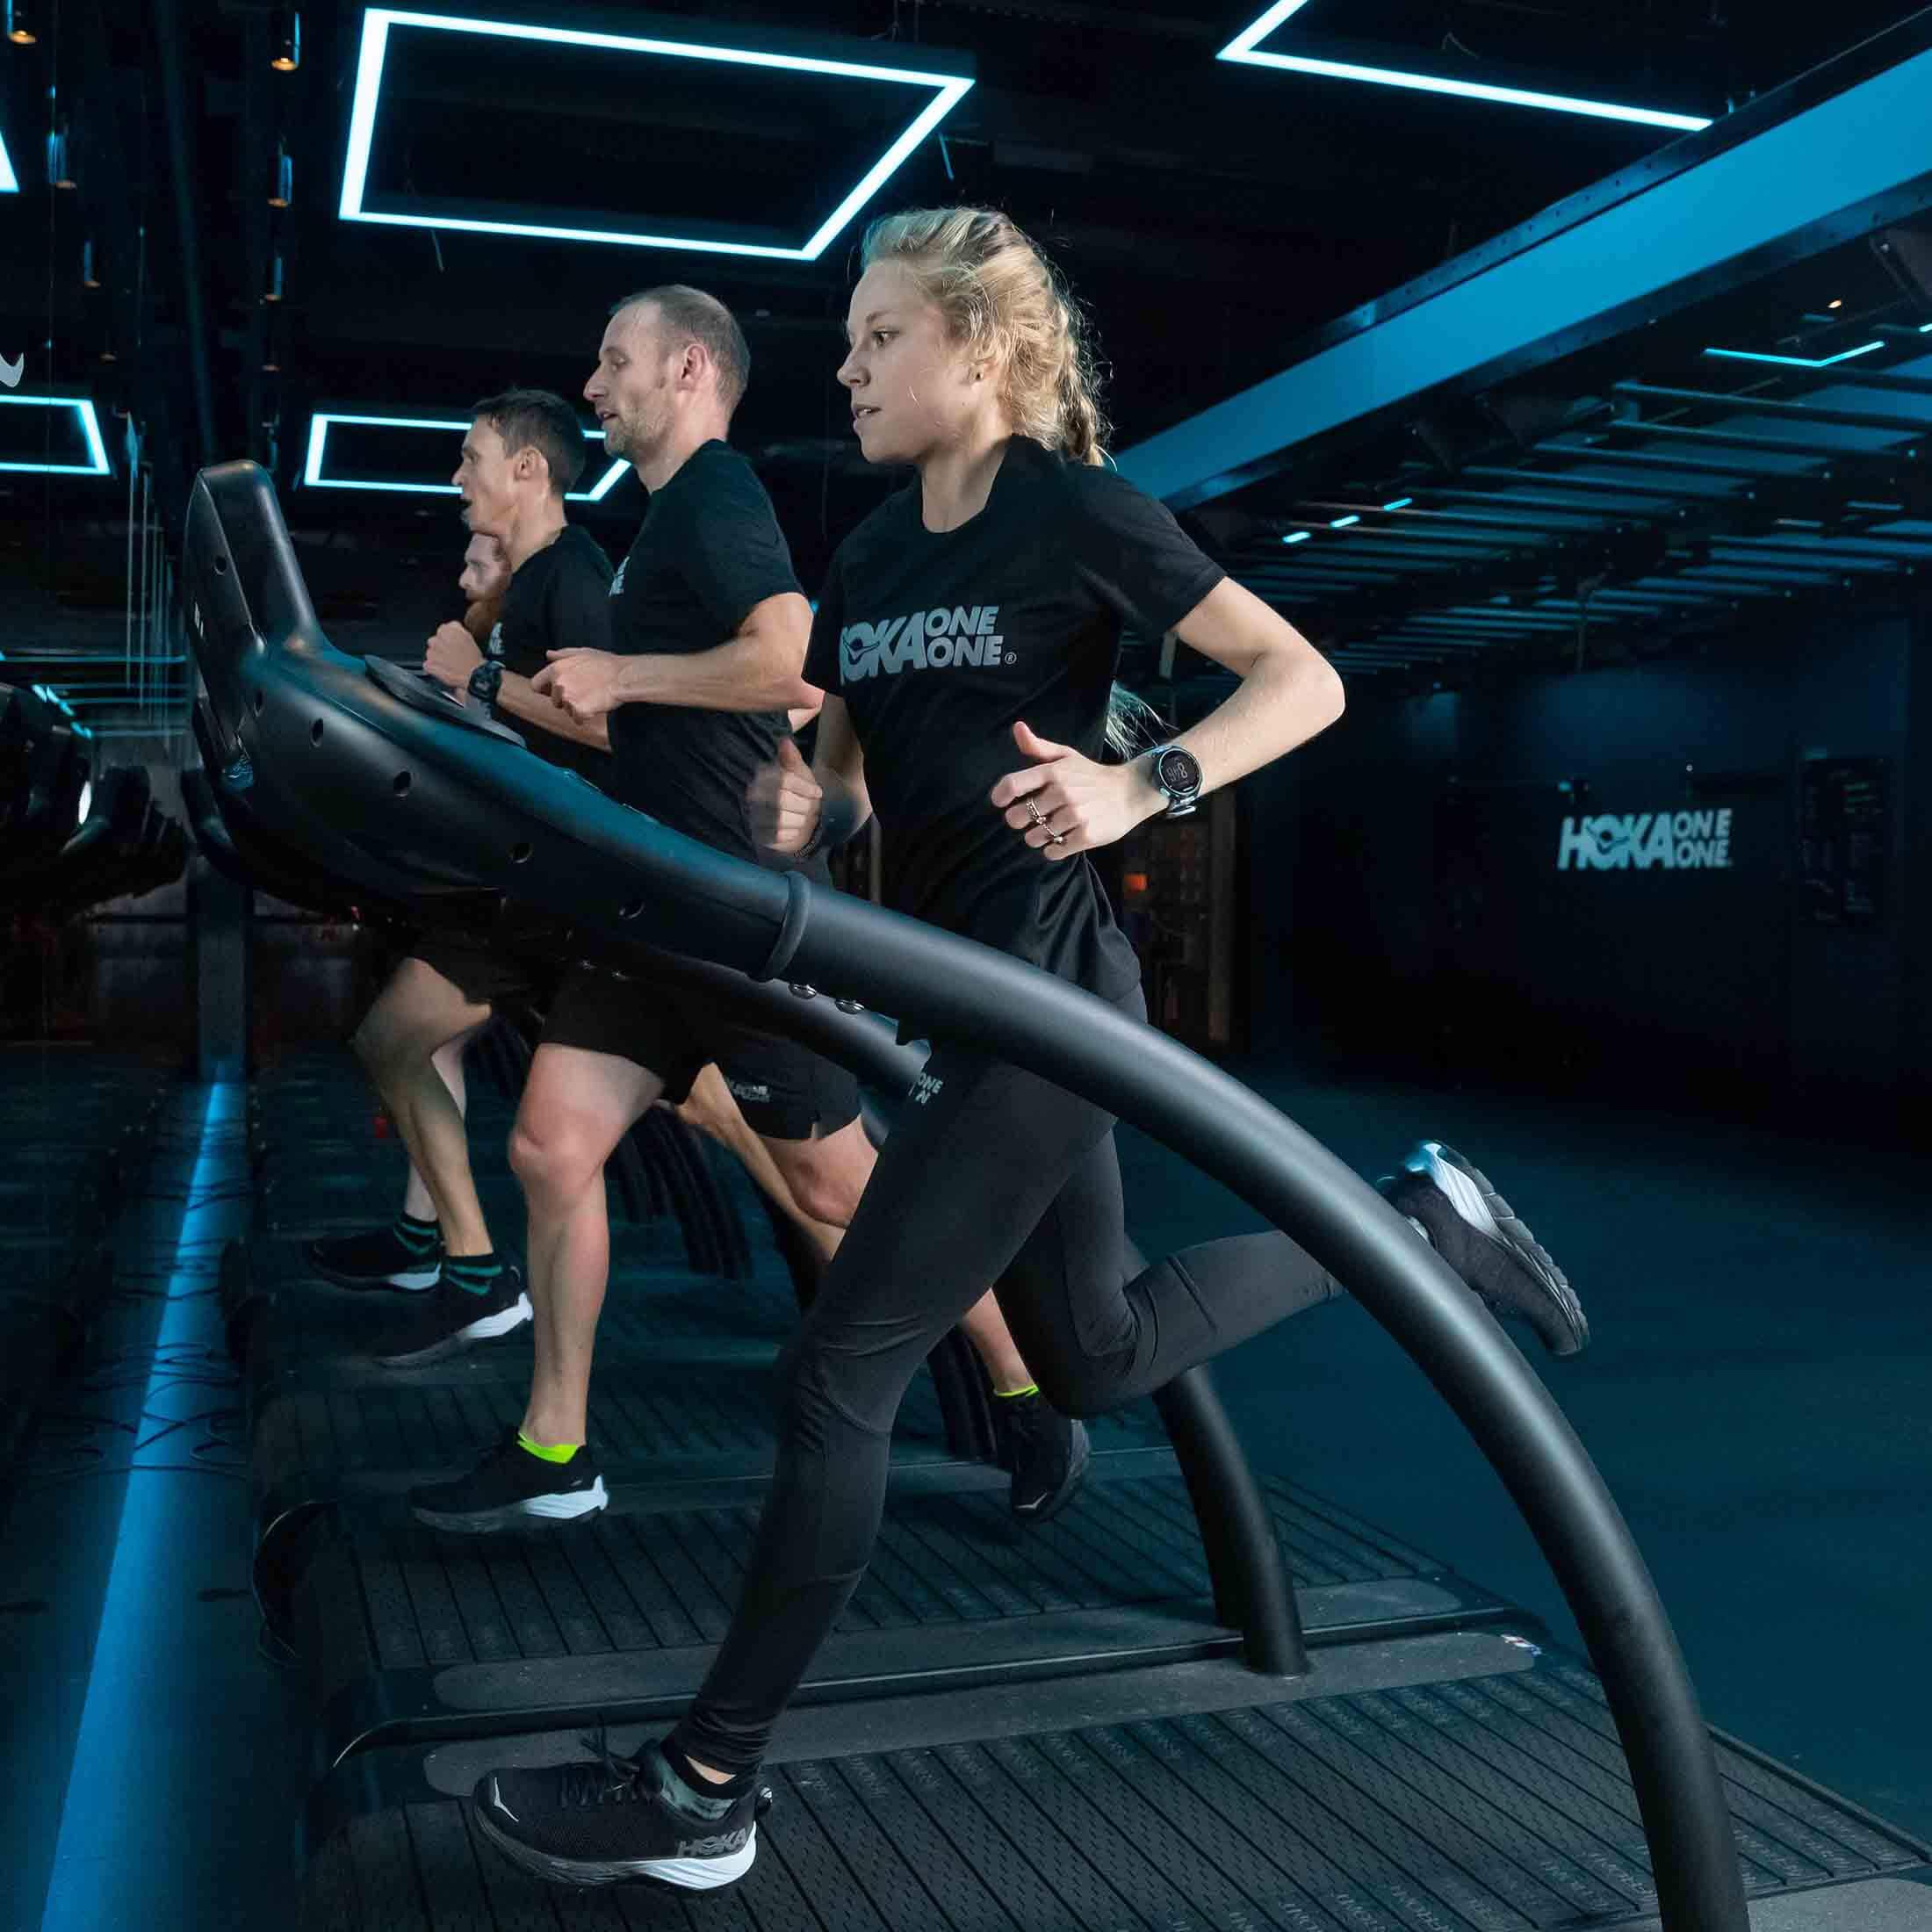 HOKA elite athlete Jenny Nesbitt runs on the treadmill at the Fly at Night event in London